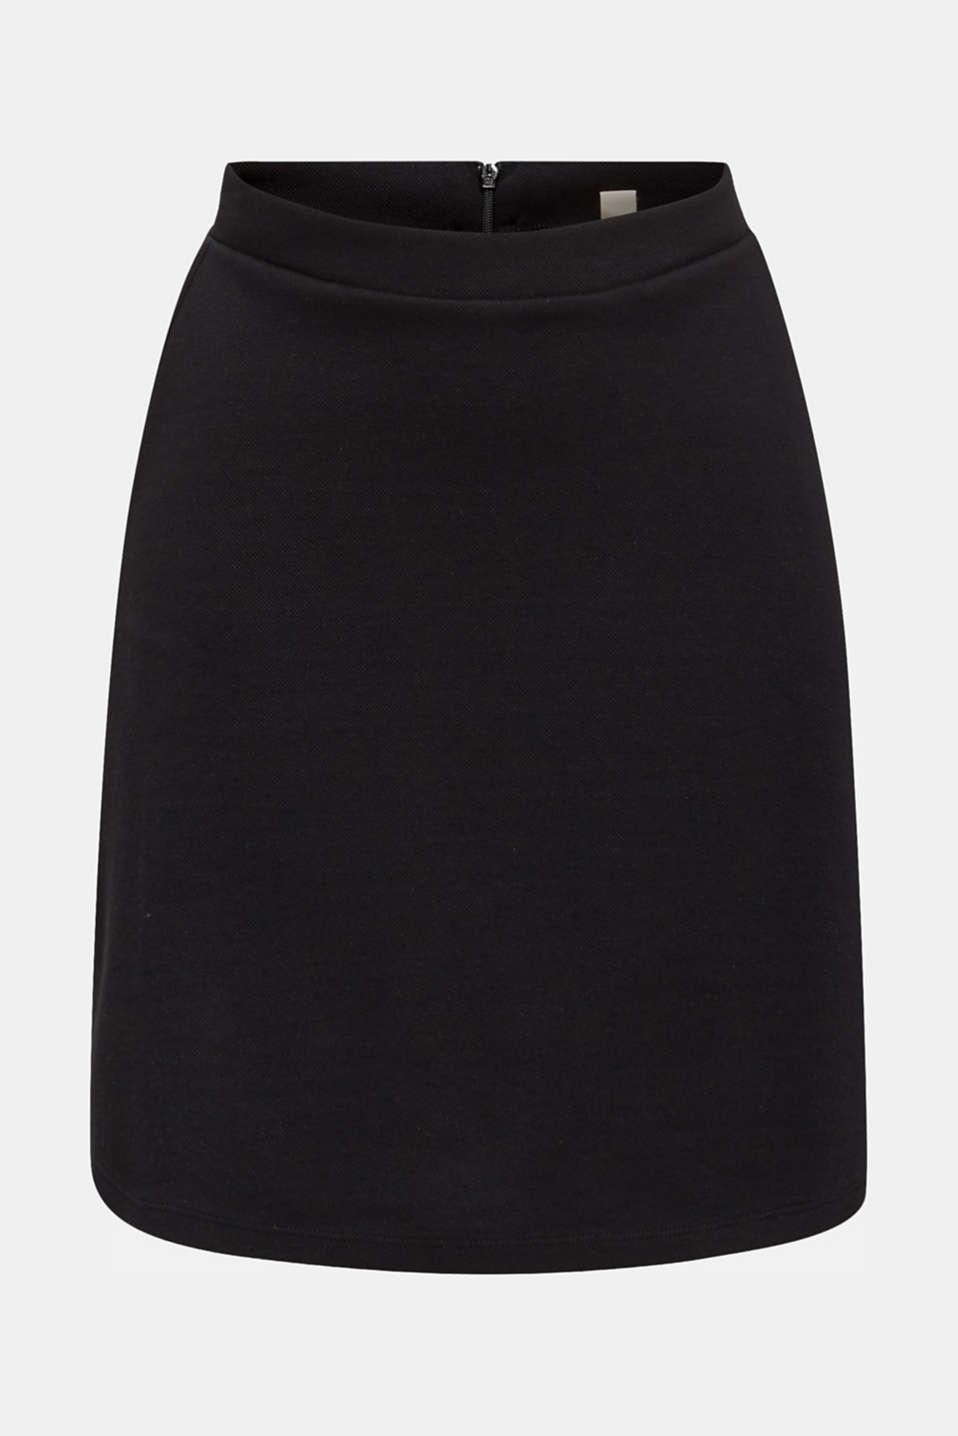 Flared stretch piqué skirt, BLACK, detail image number 5